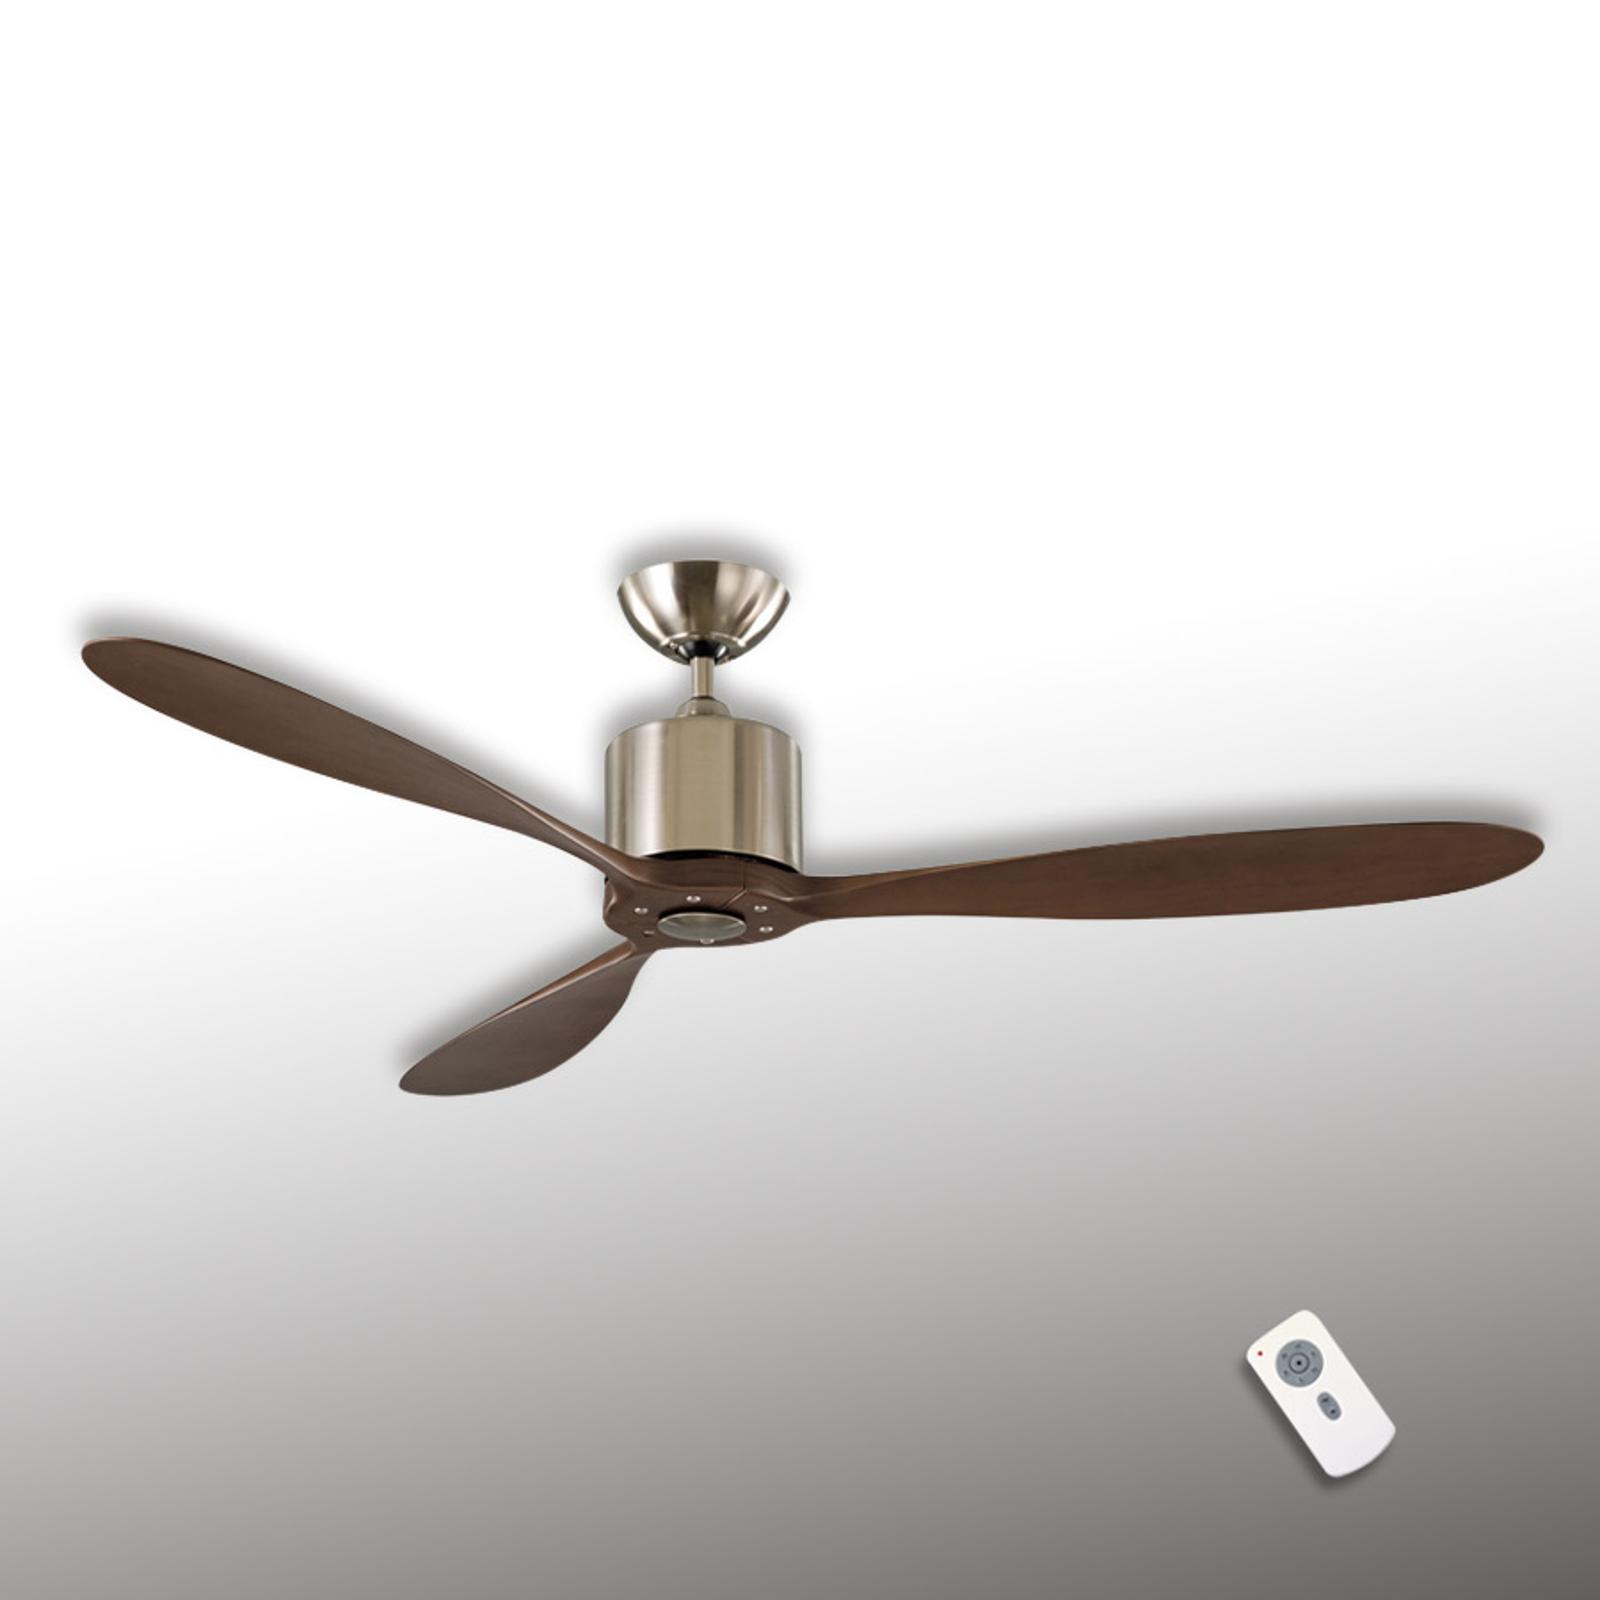 Aeroplan Eco takfläkt, krom, valnöt